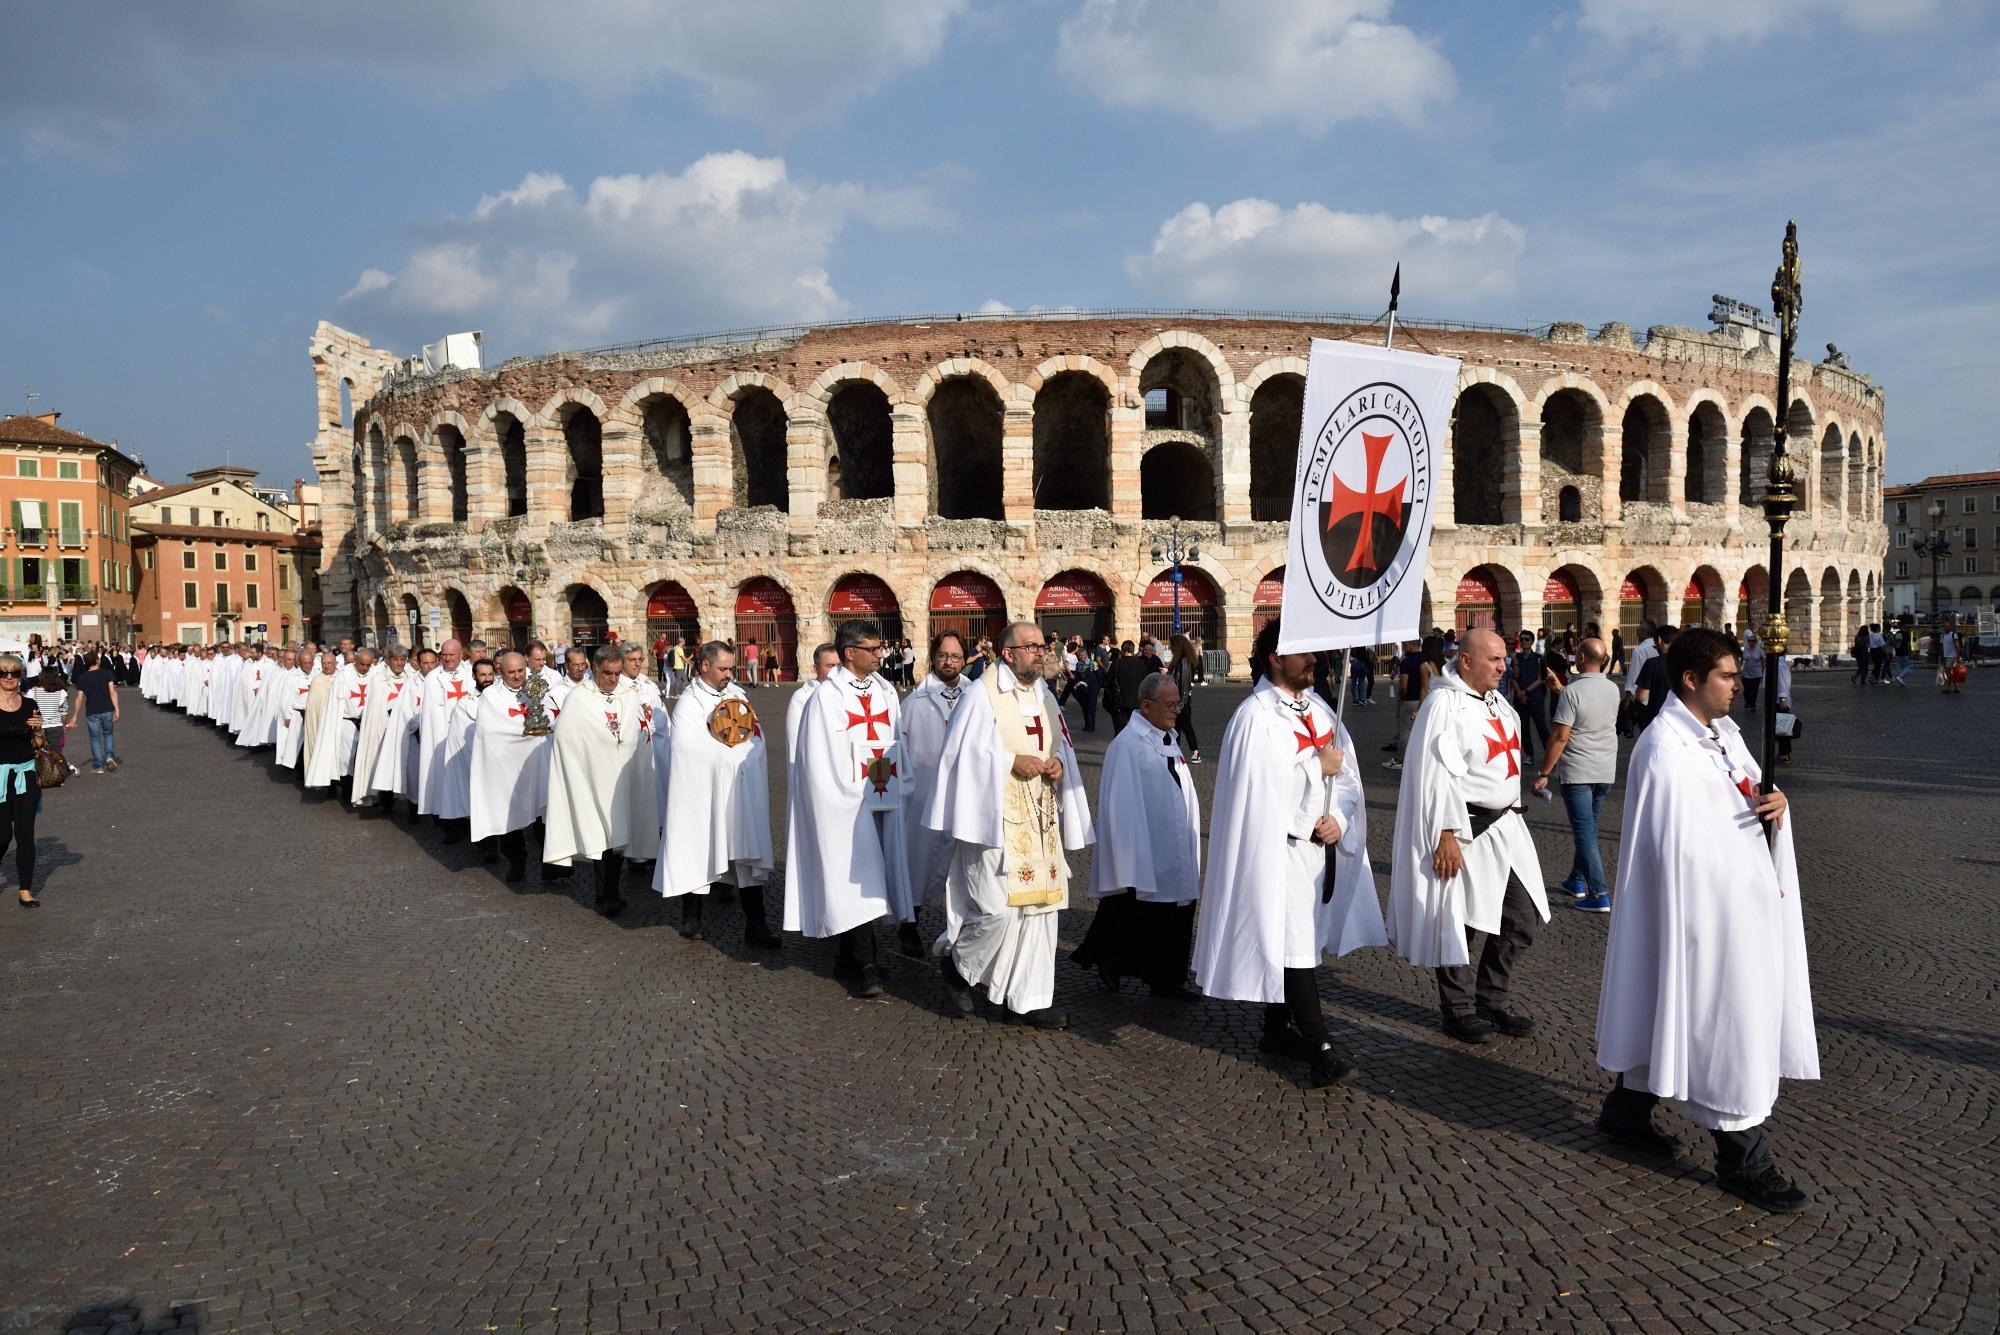 Milczacy marsz wiary w Weronie – 2019